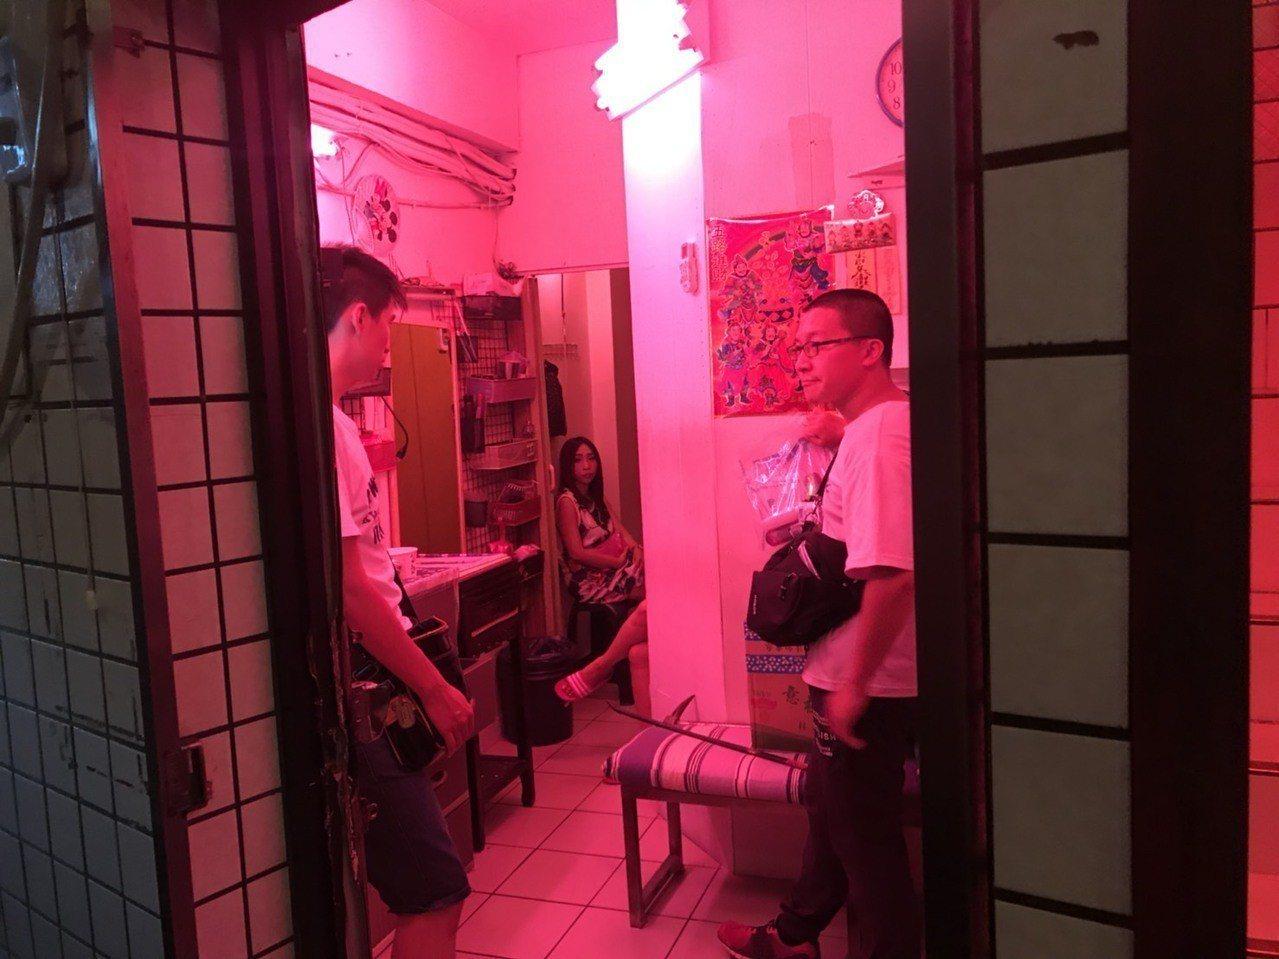 基隆市龍安街、成功一路一帶私娼寮再現22名妙齡泰女假觀光、真賣淫,警方今見時機成...